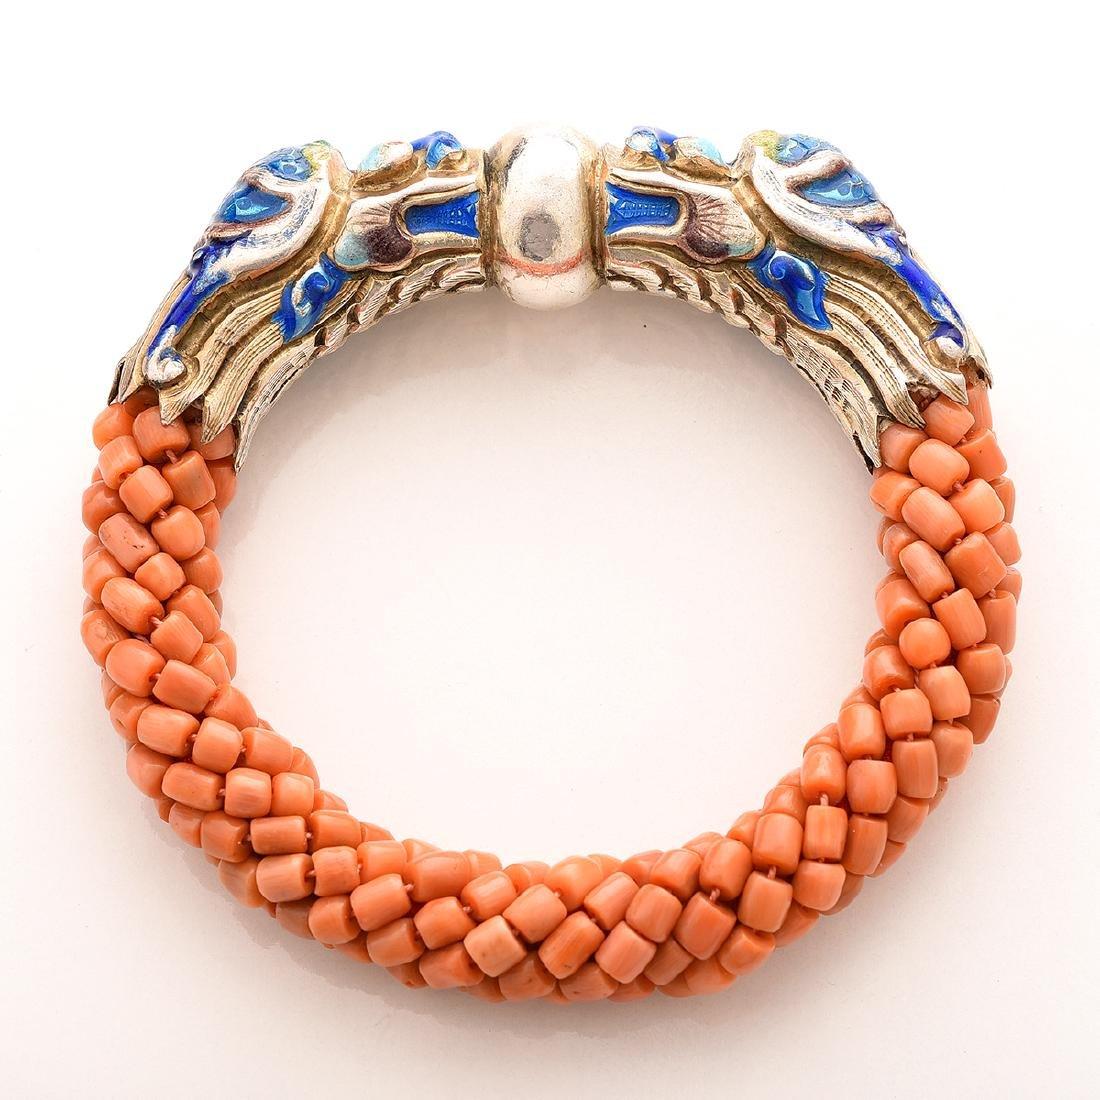 Harry Fireside, Double Dragon Head, Bangle Bracelet. - 3